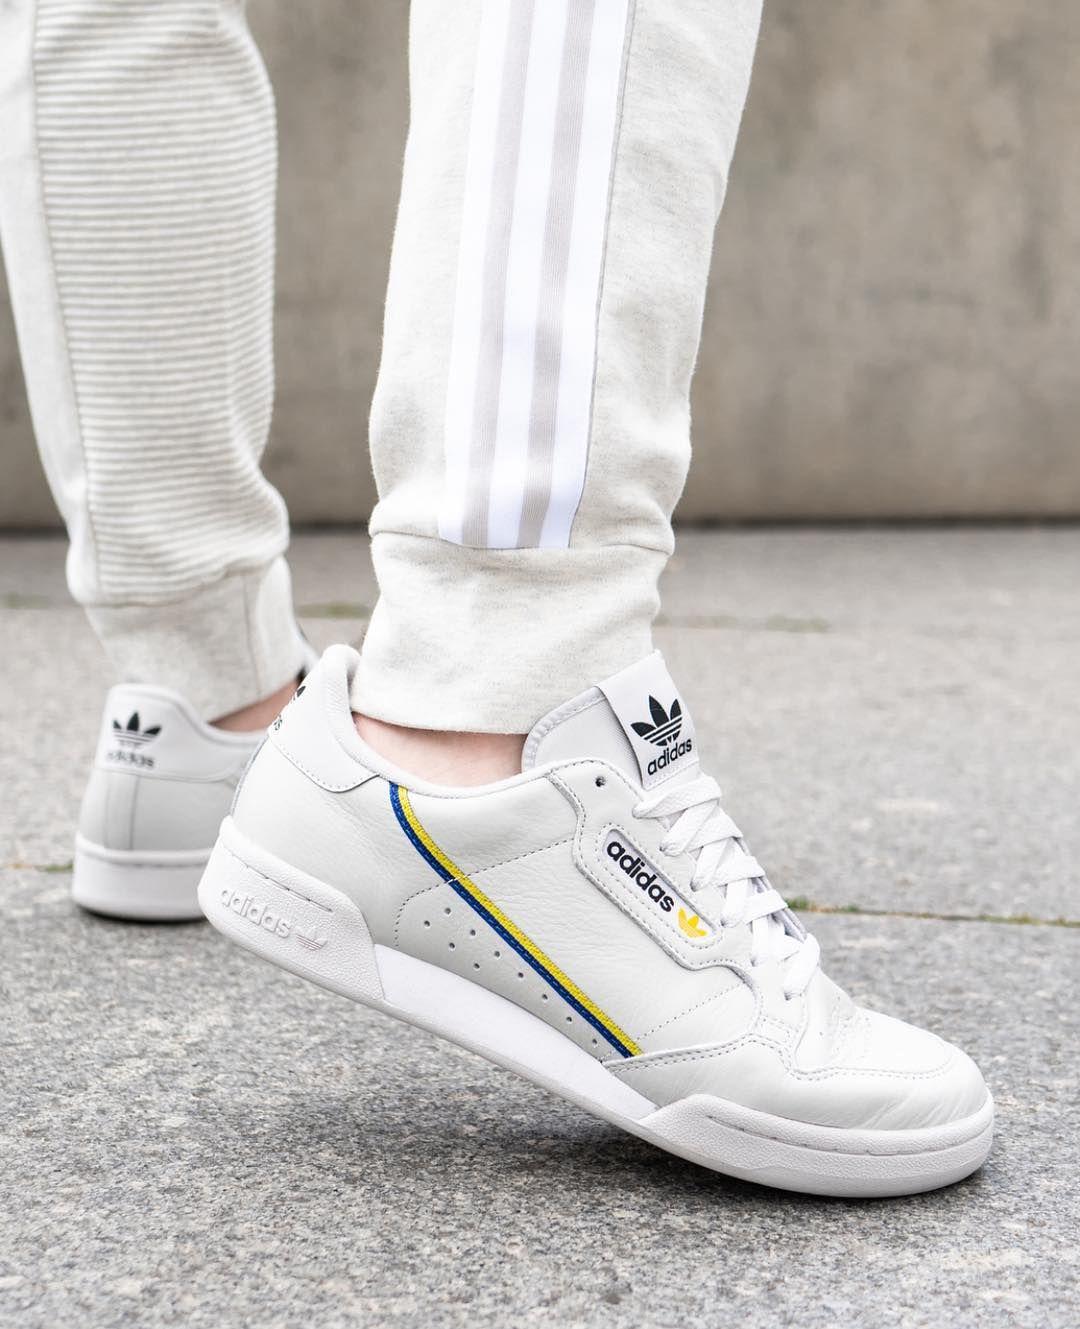 21+ Schuhe trend 2020 herren 2021 ideen